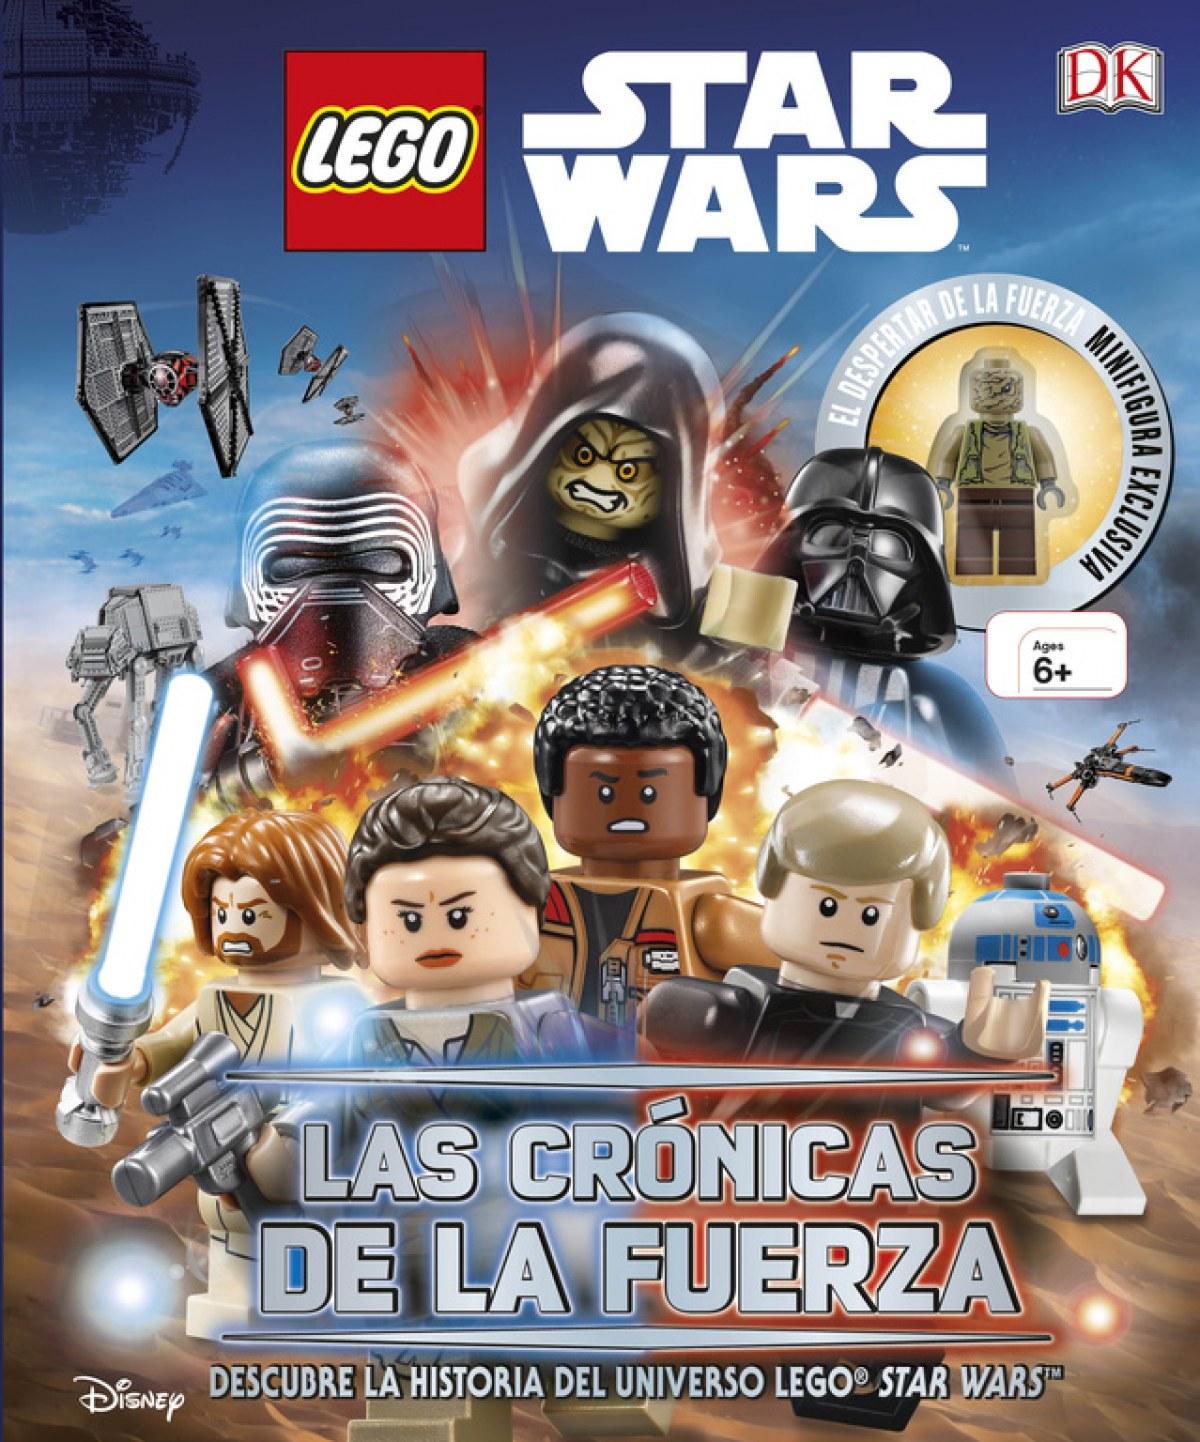 LAS CRONICAS DE LA FUERZA LEGO STAR WARS